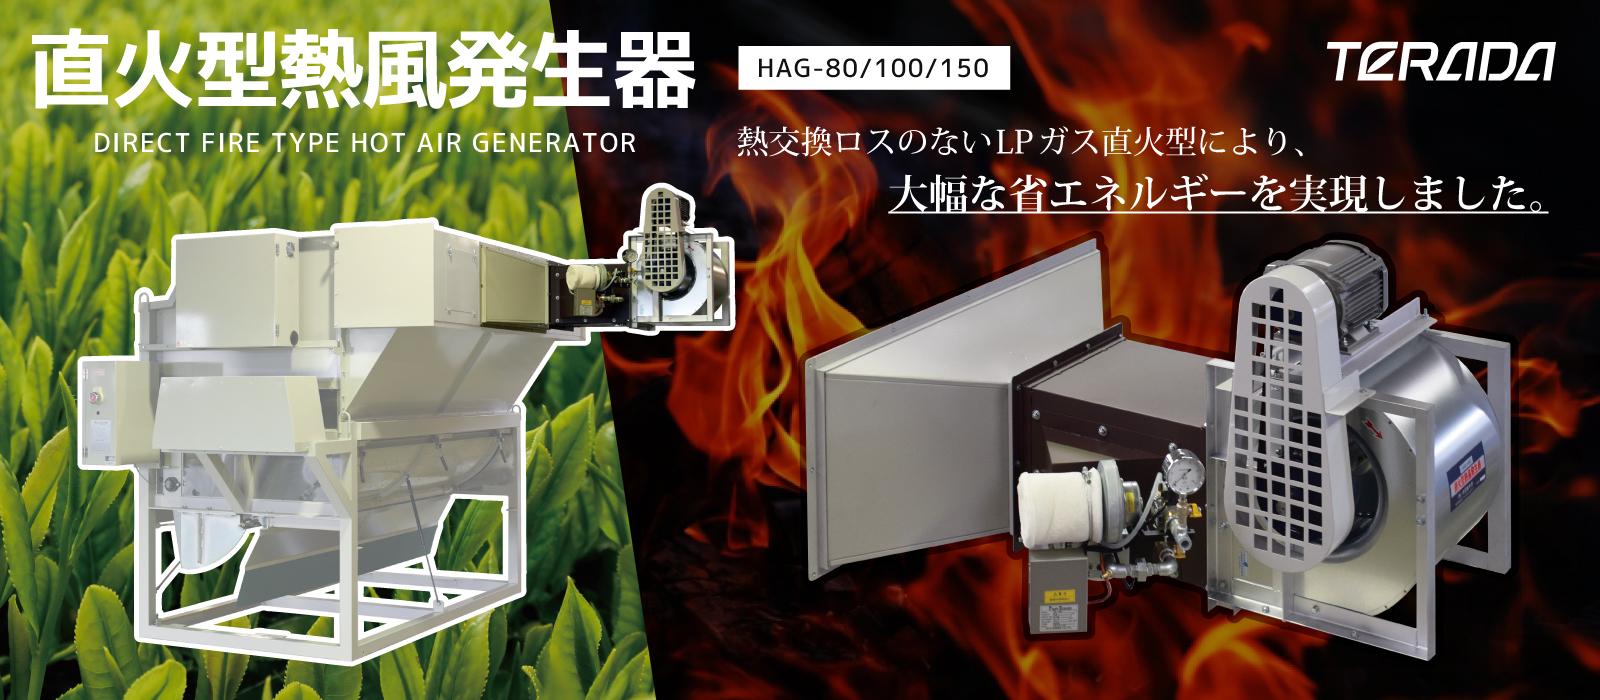 直火型熱風発生器